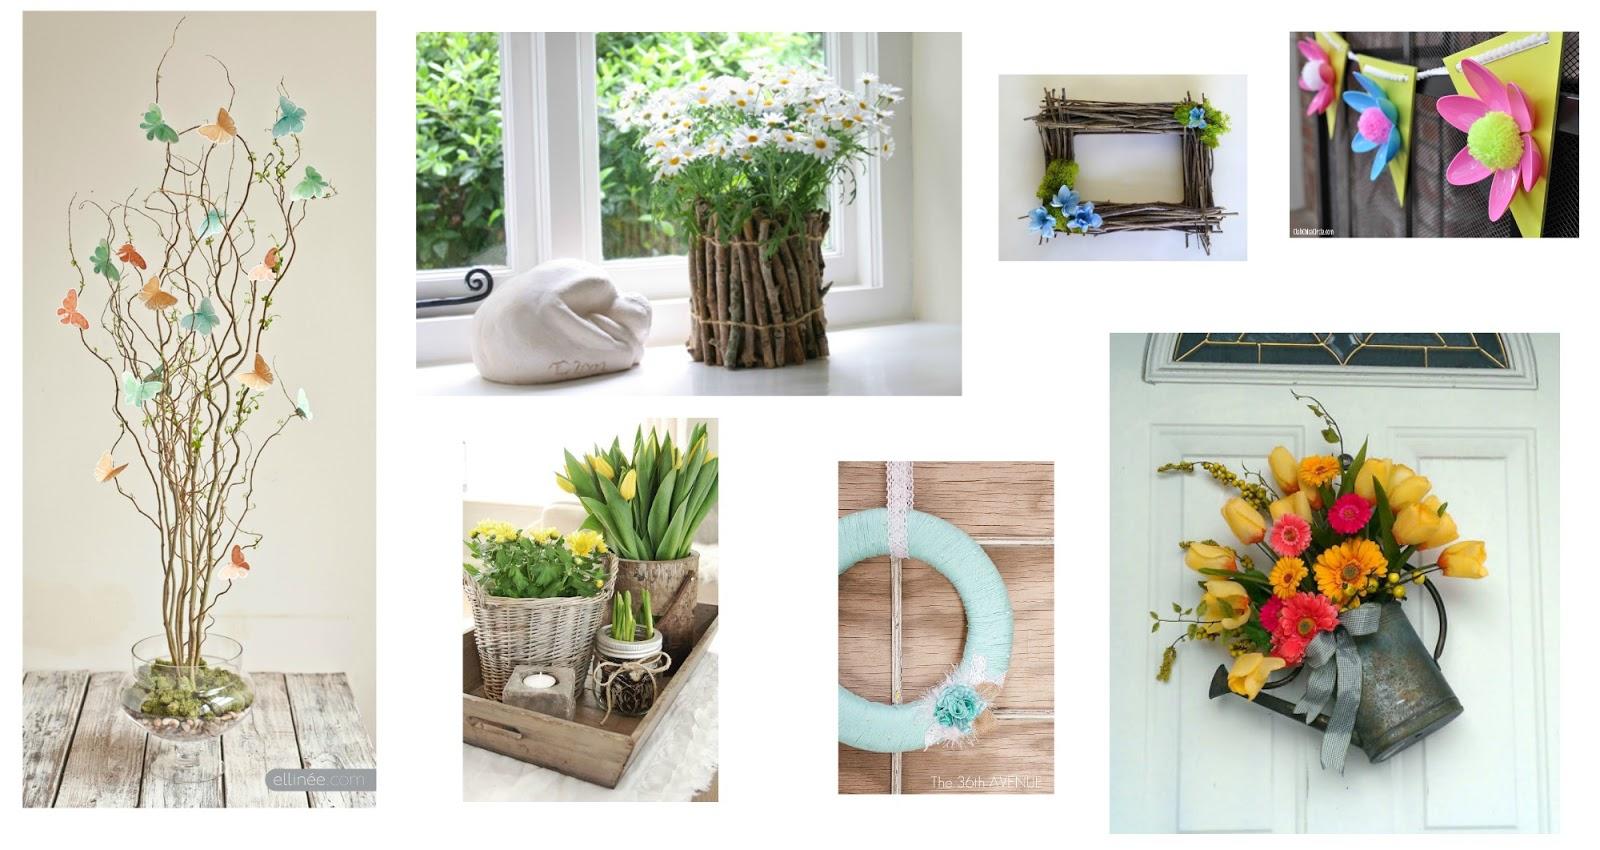 7 idee primaverili fai da te per decorare casa col riciclo for Idee fai da te per la casa